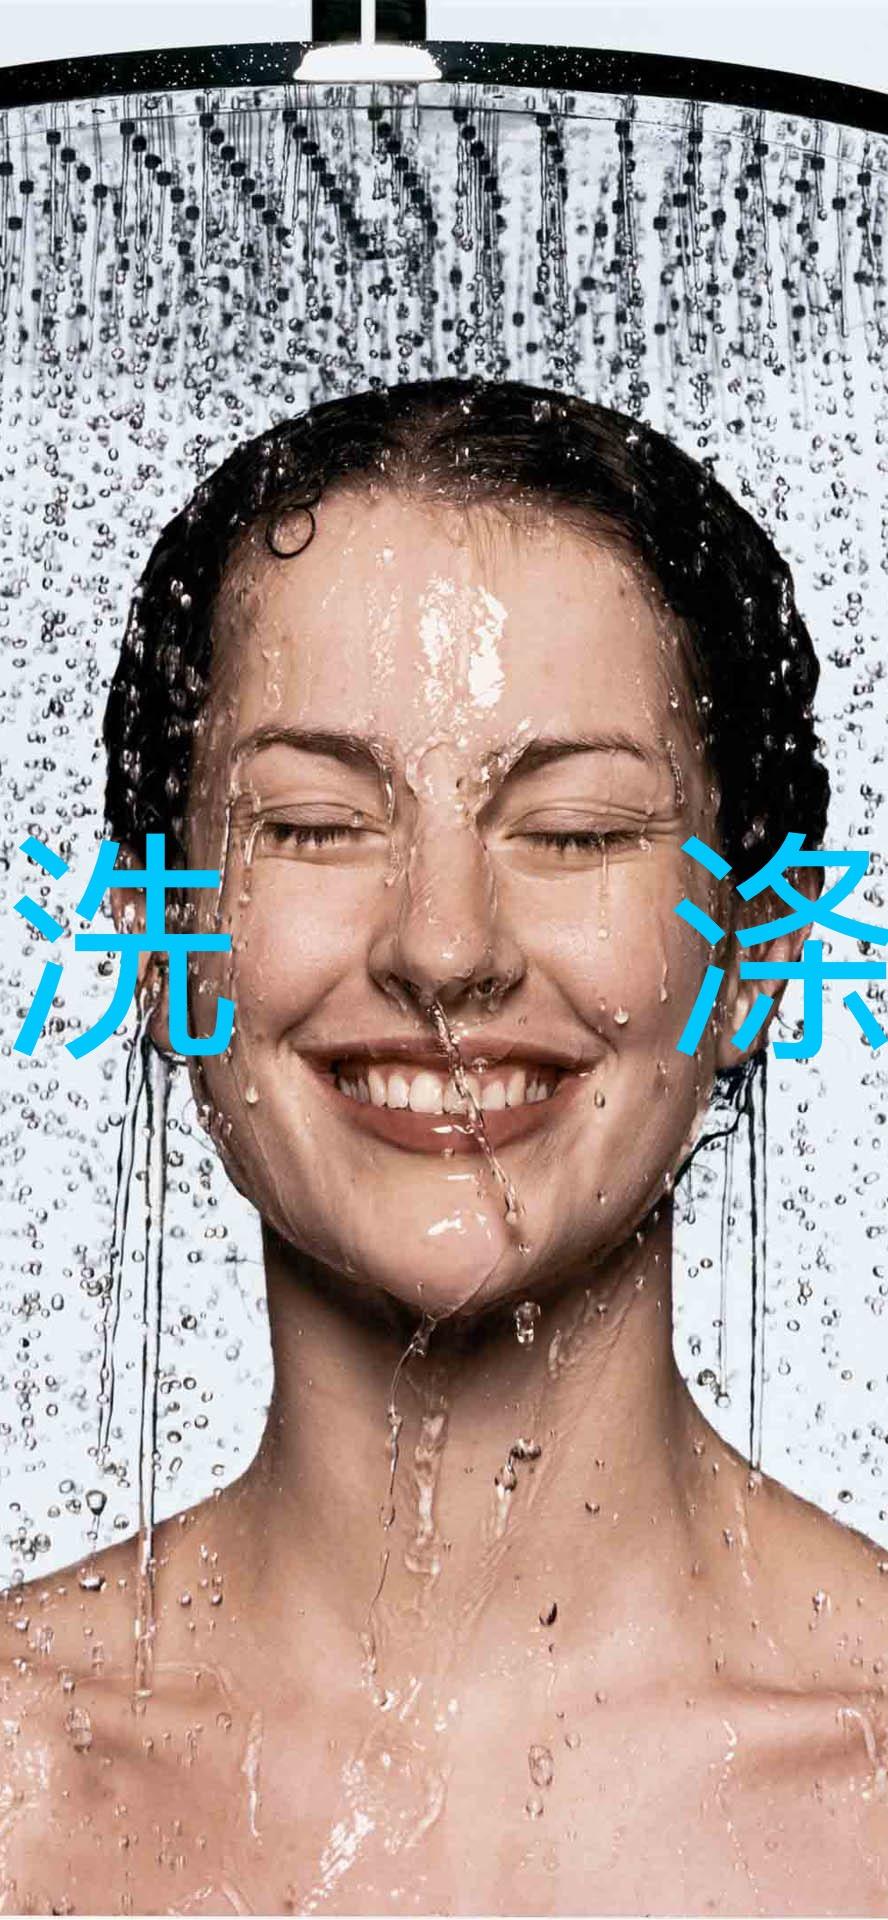 洗涤设备专业销售 厂家直销洗衣房设备 工业洗衣机厂家制造